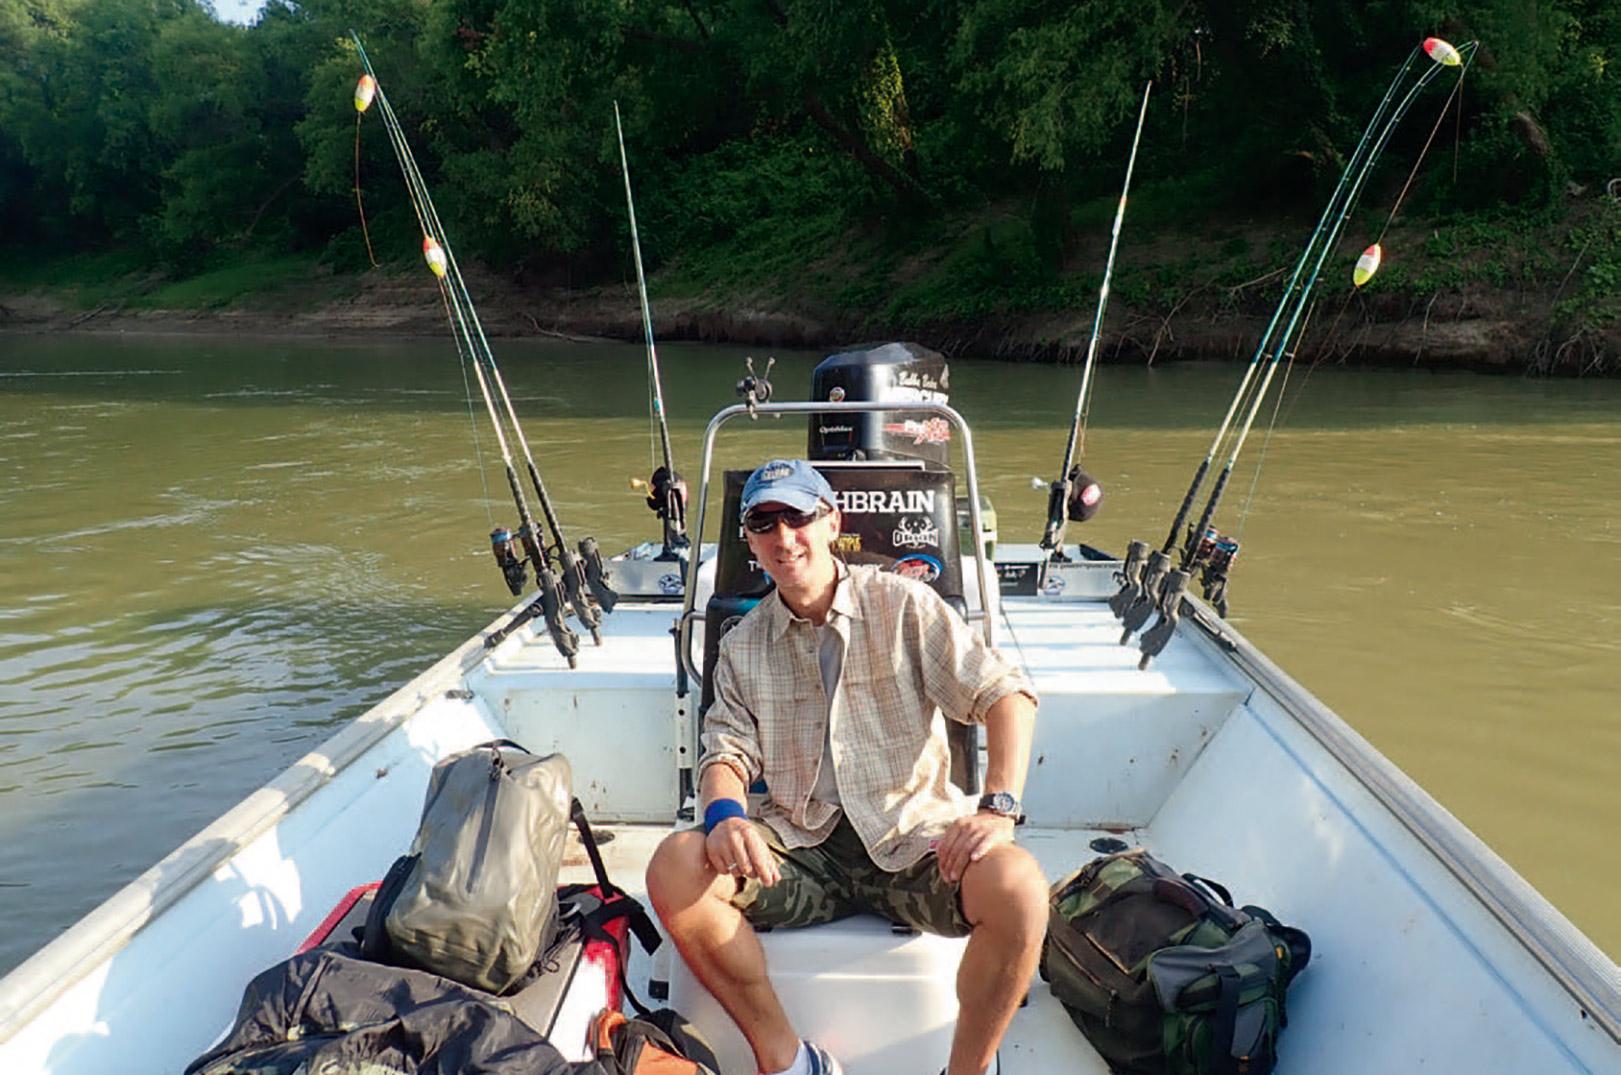 Så er båden pakket til endnu en usædvanlig varm dag på Trinity River.